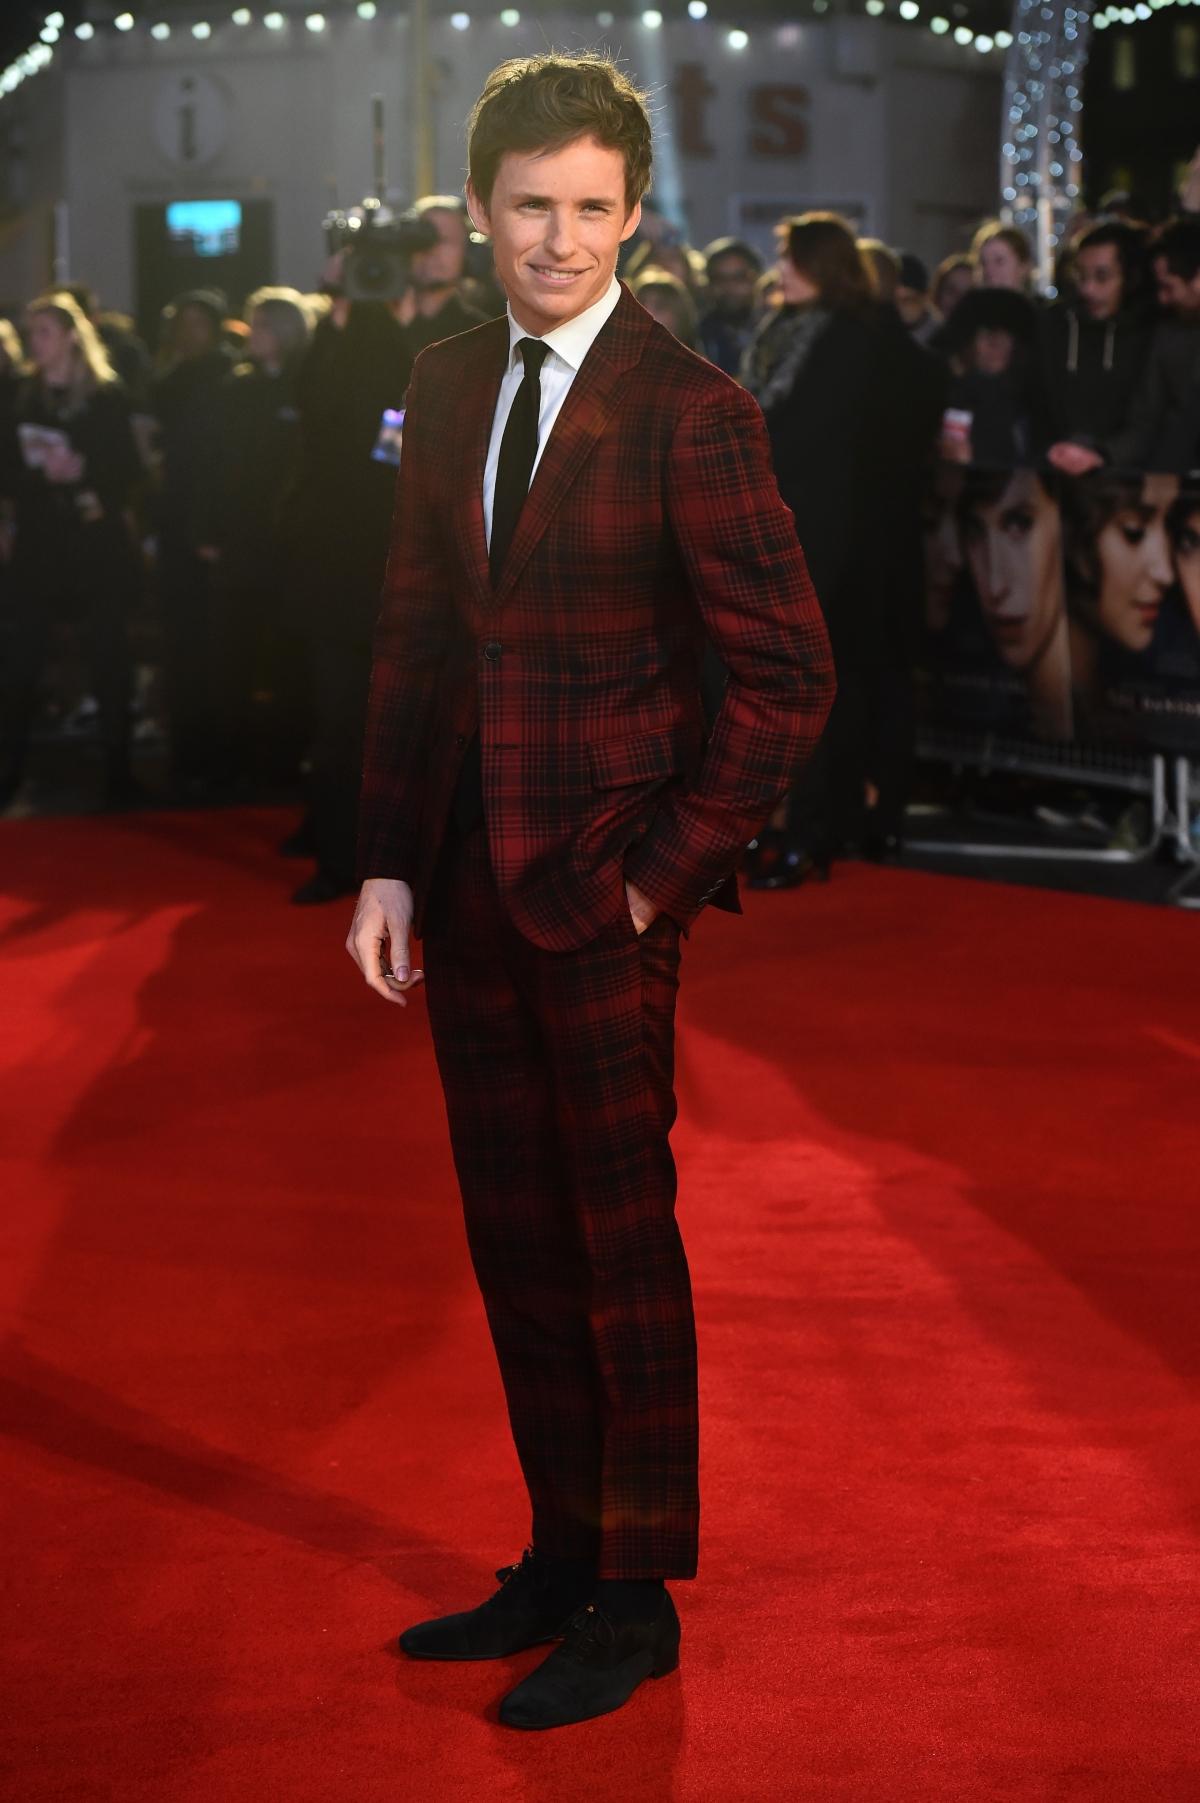 Eddie Redmayne wears tartan suit